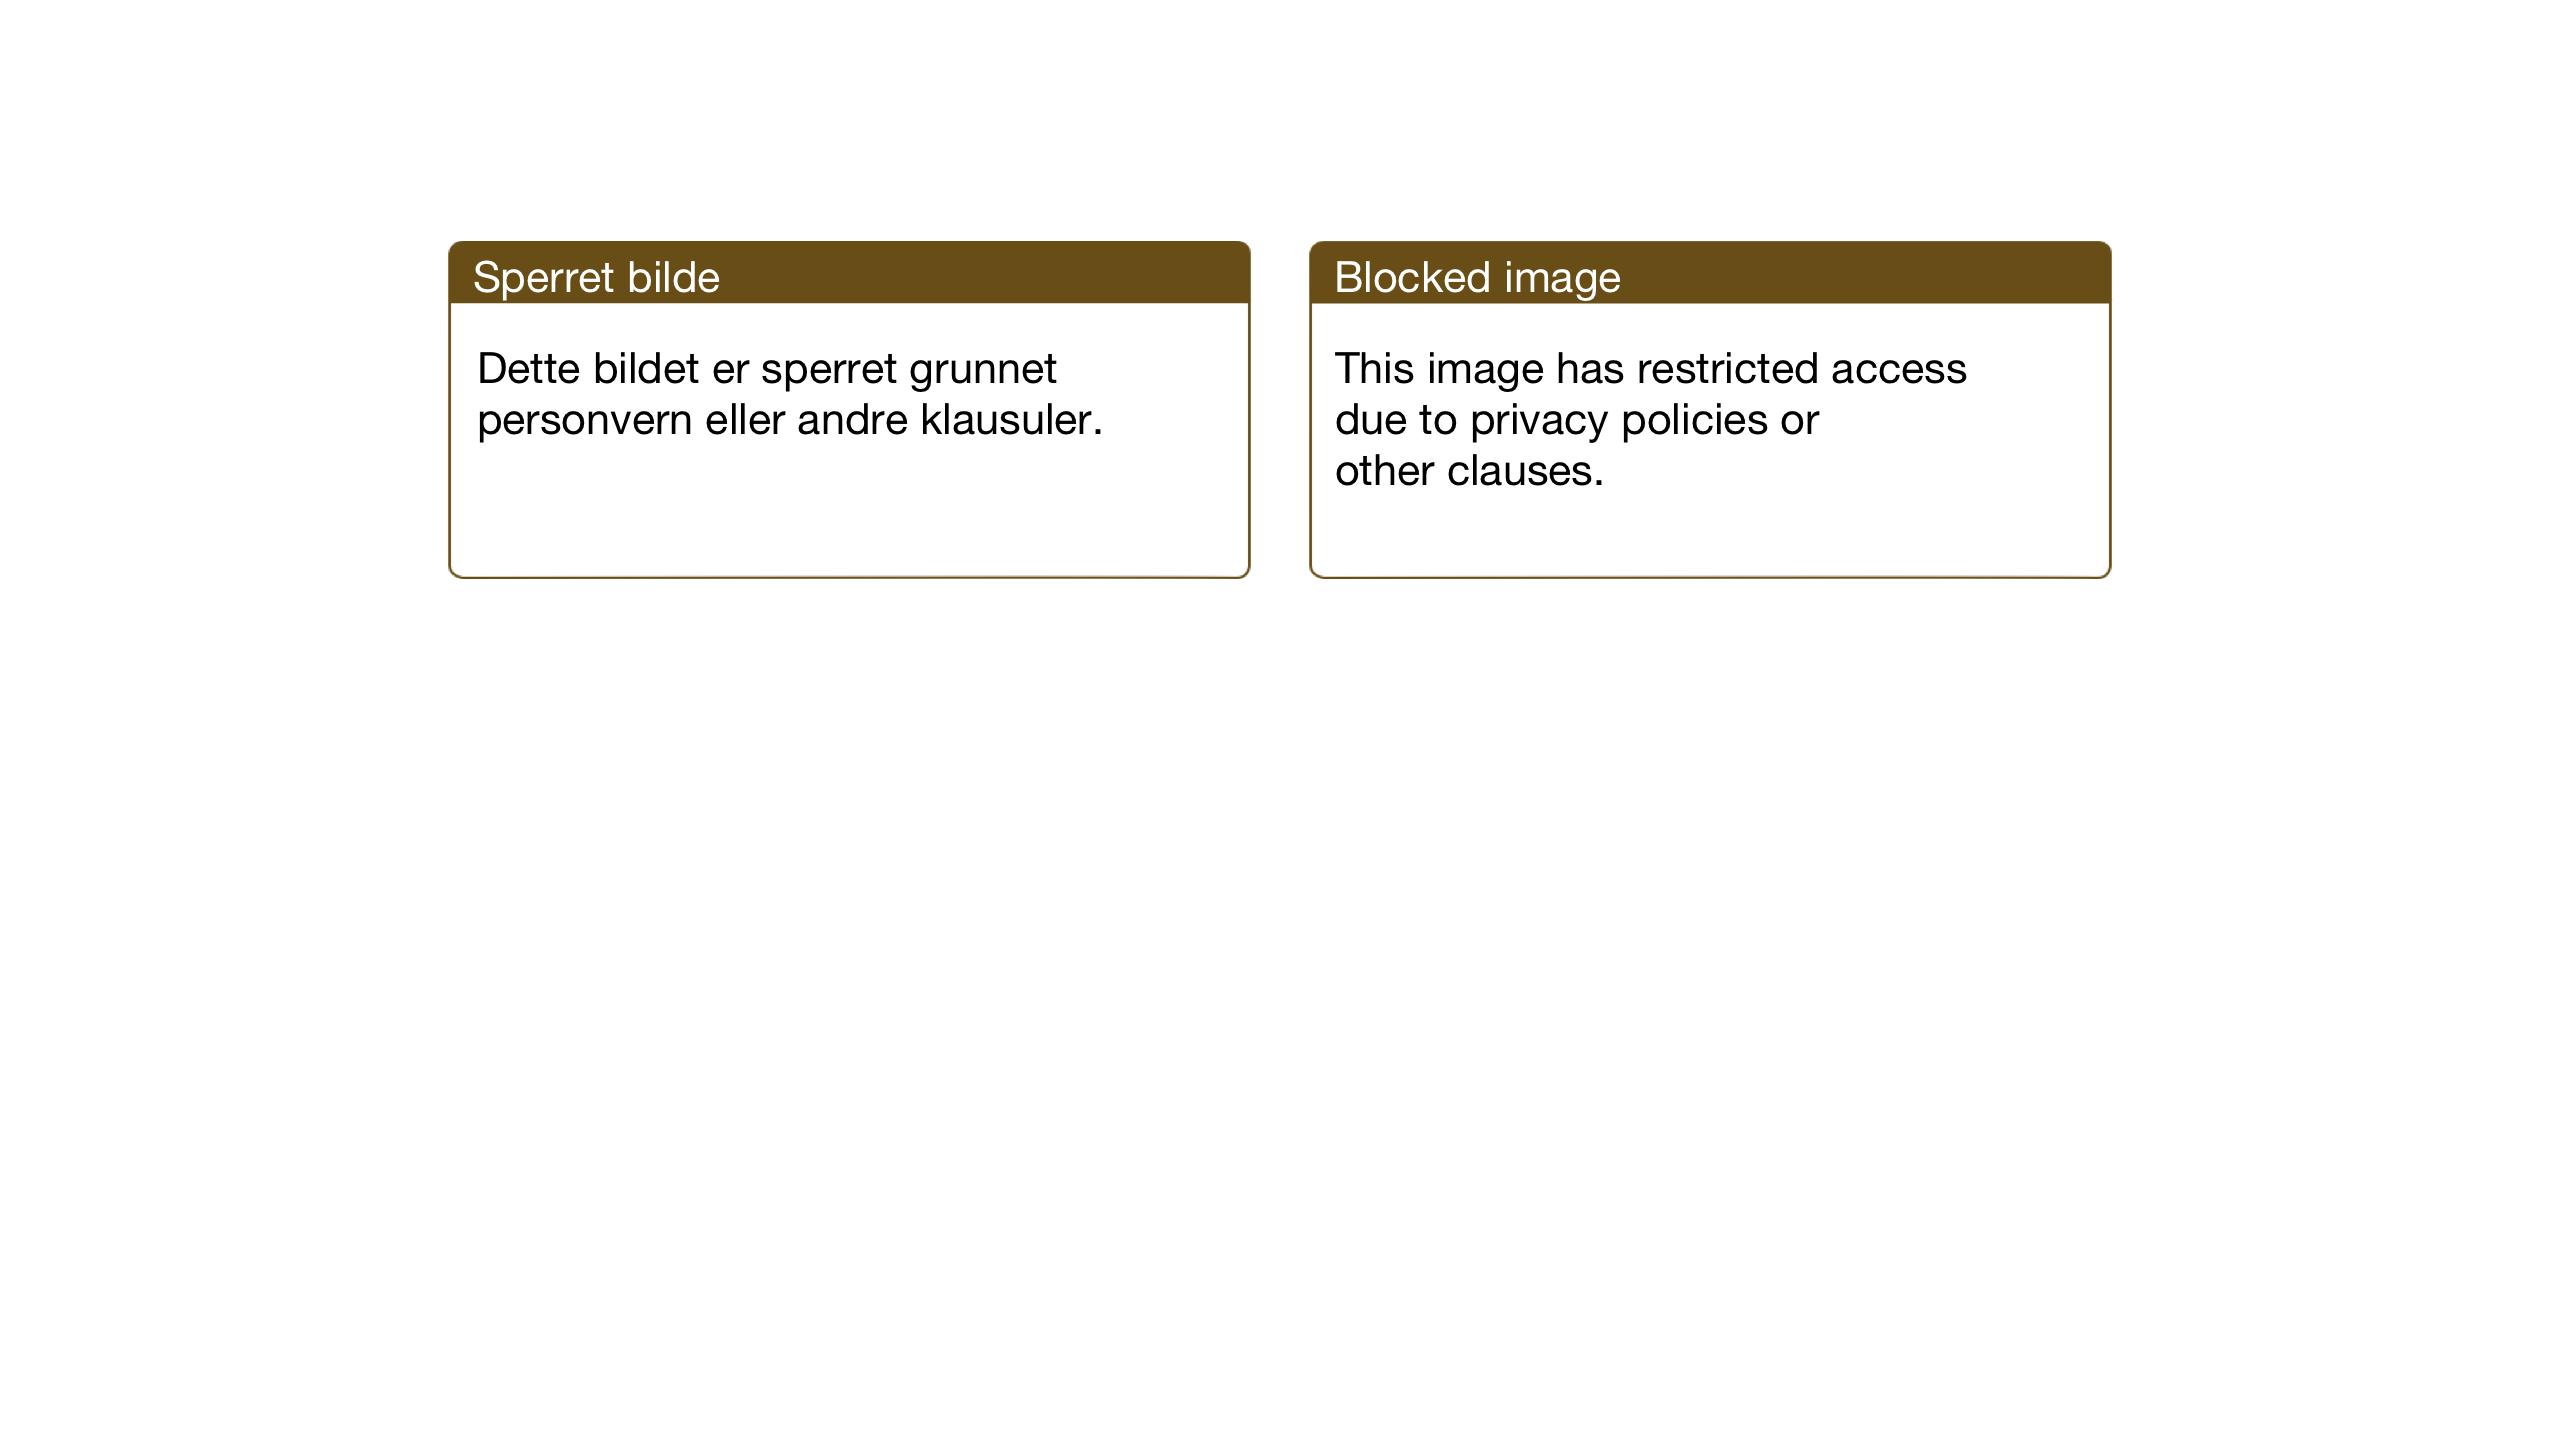 SAT, Ministerialprotokoller, klokkerbøker og fødselsregistre - Nord-Trøndelag, 733/L0328: Klokkerbok nr. 733C03, 1919-1966, s. 133